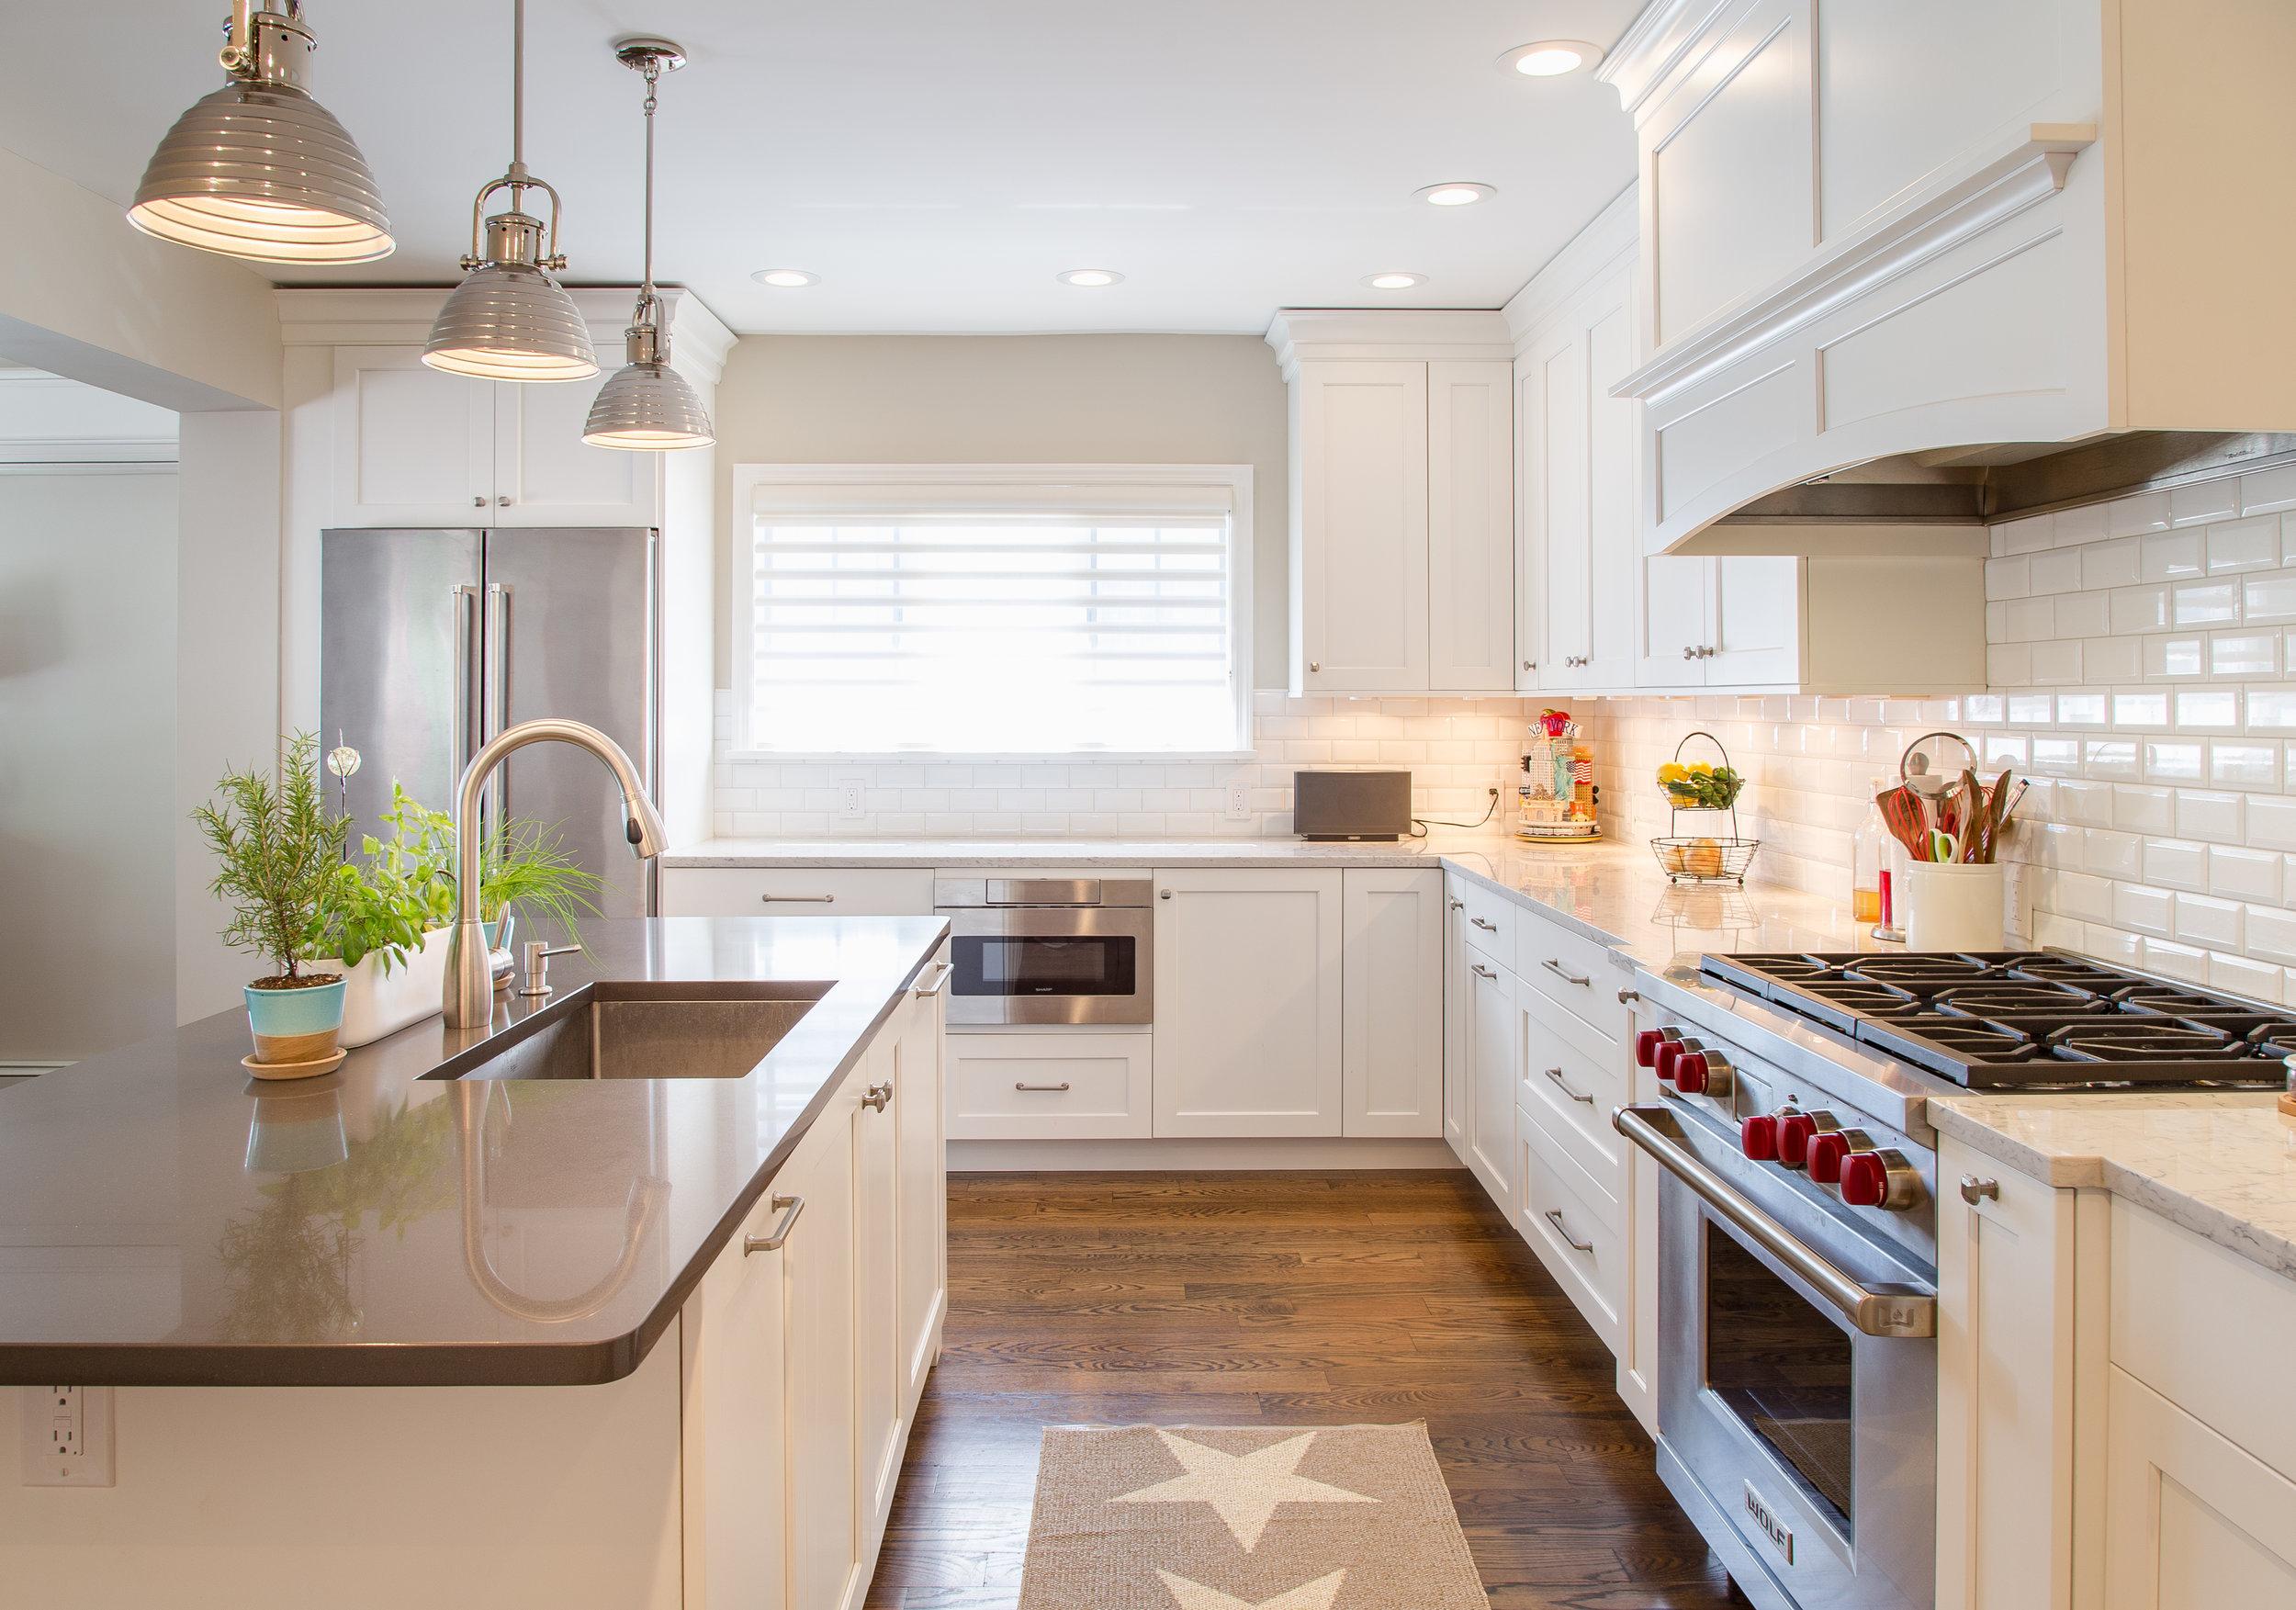 wood-floors-tiled-backsplash-advanced-hood-range